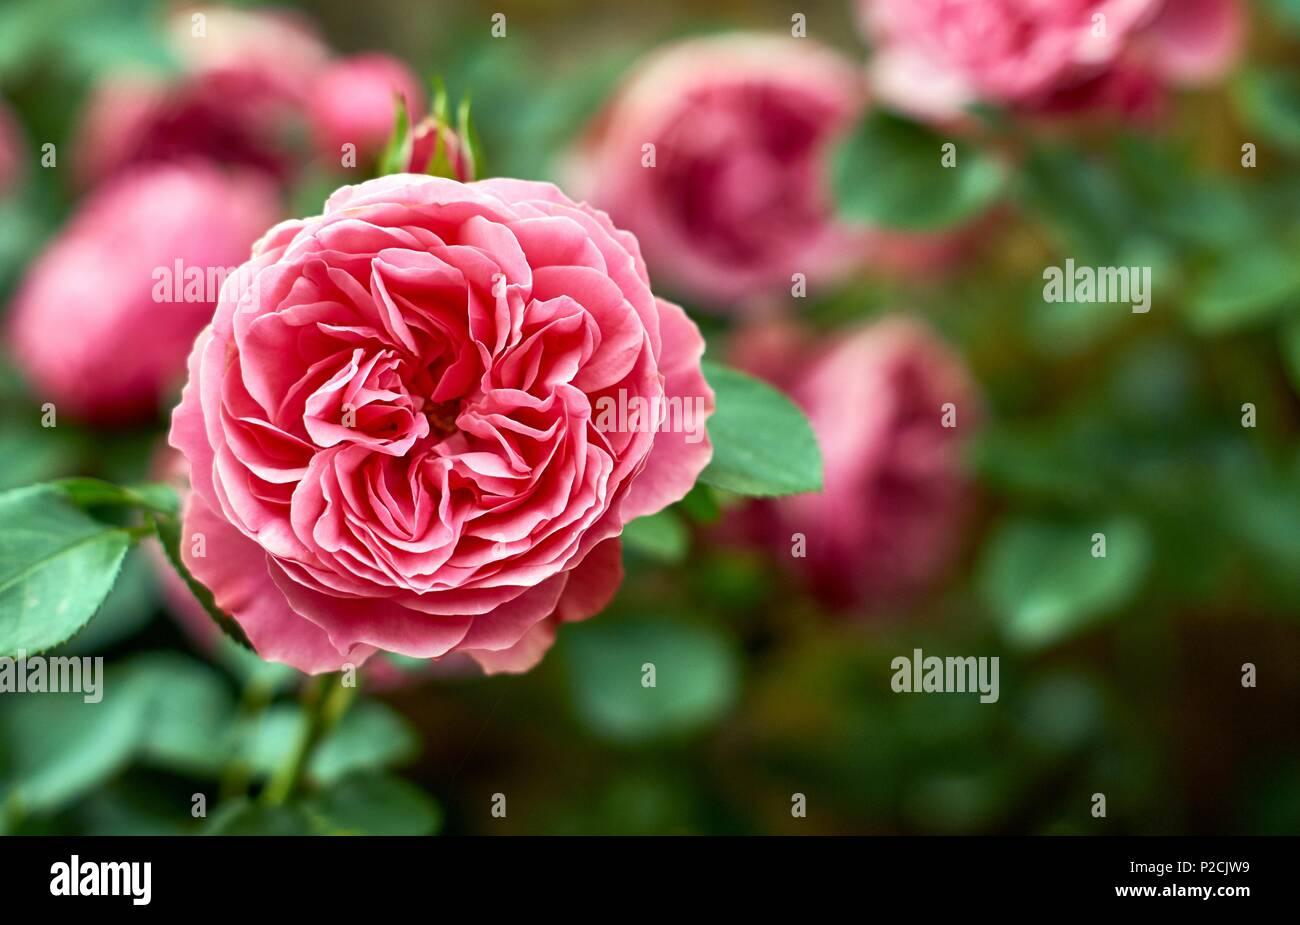 Rosa Rosa Fiori Più Antica Lettera Manoscritta Romantico Sfondo